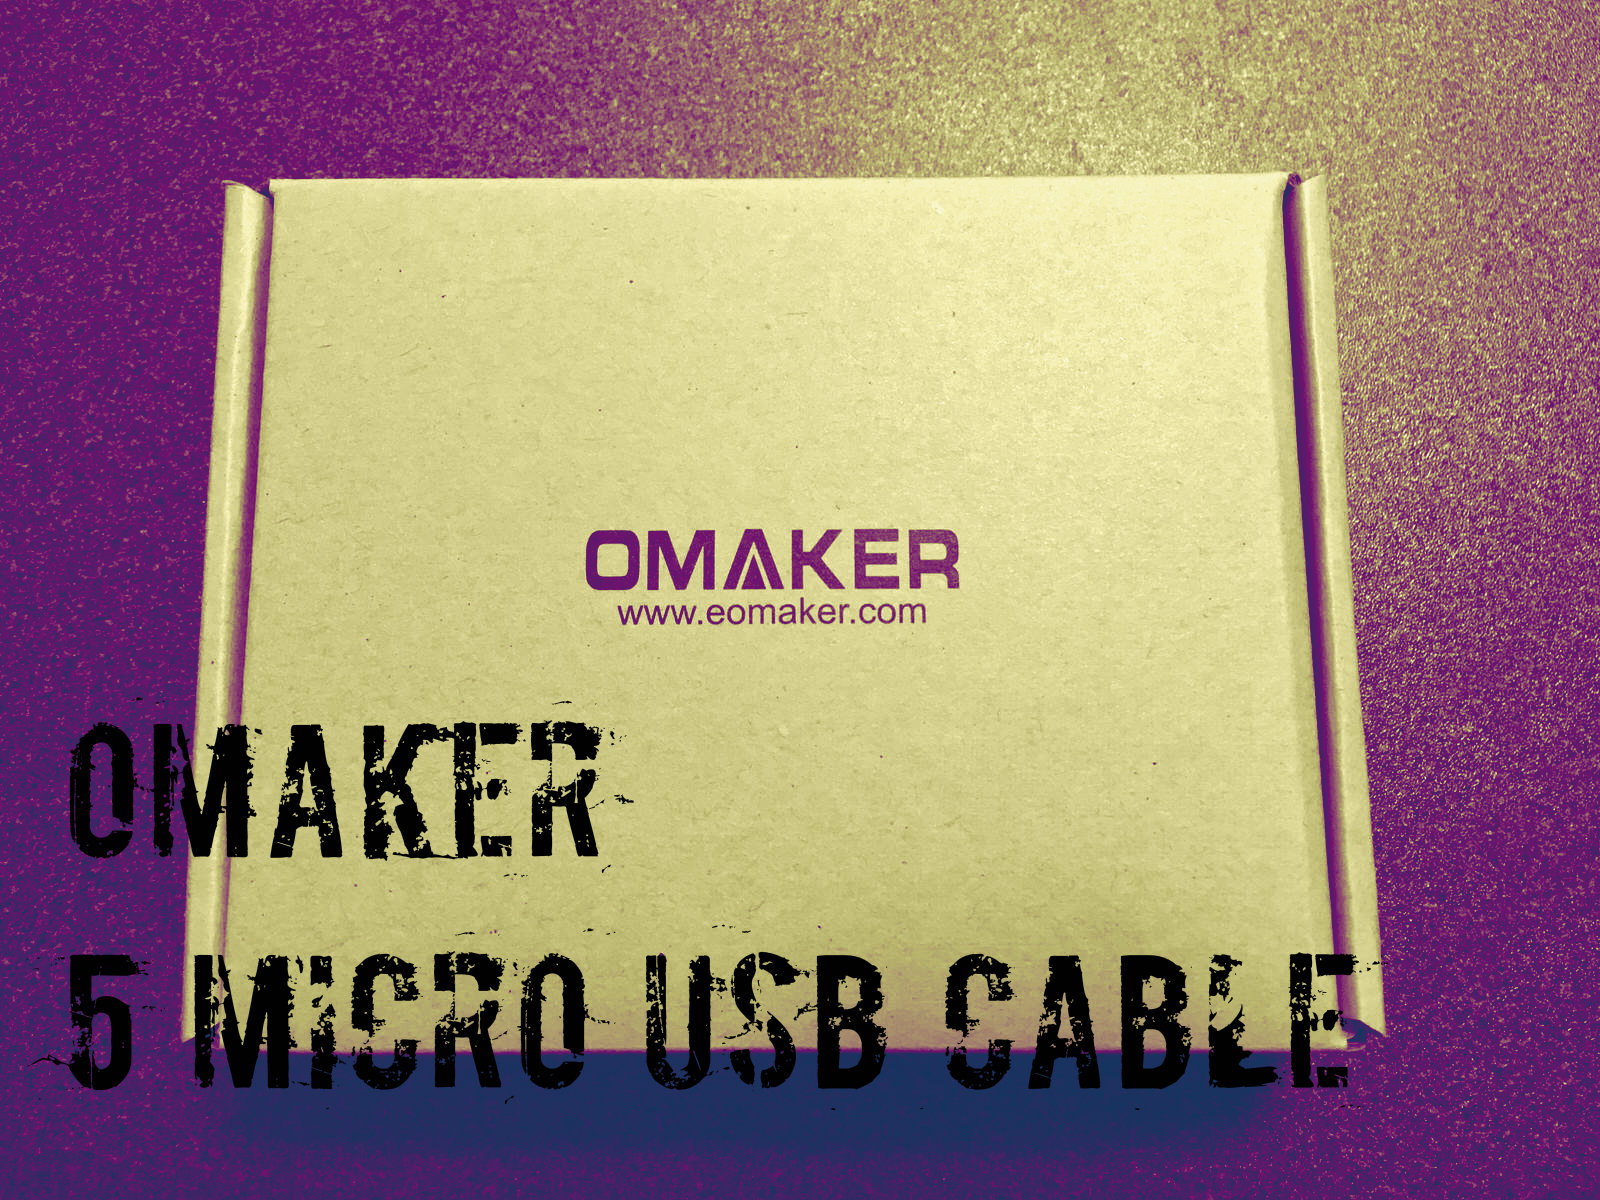 USBケーブル使い回ししてない?急速充電対応で高品質なOmaker microUSBケーブル5本セット【PR】